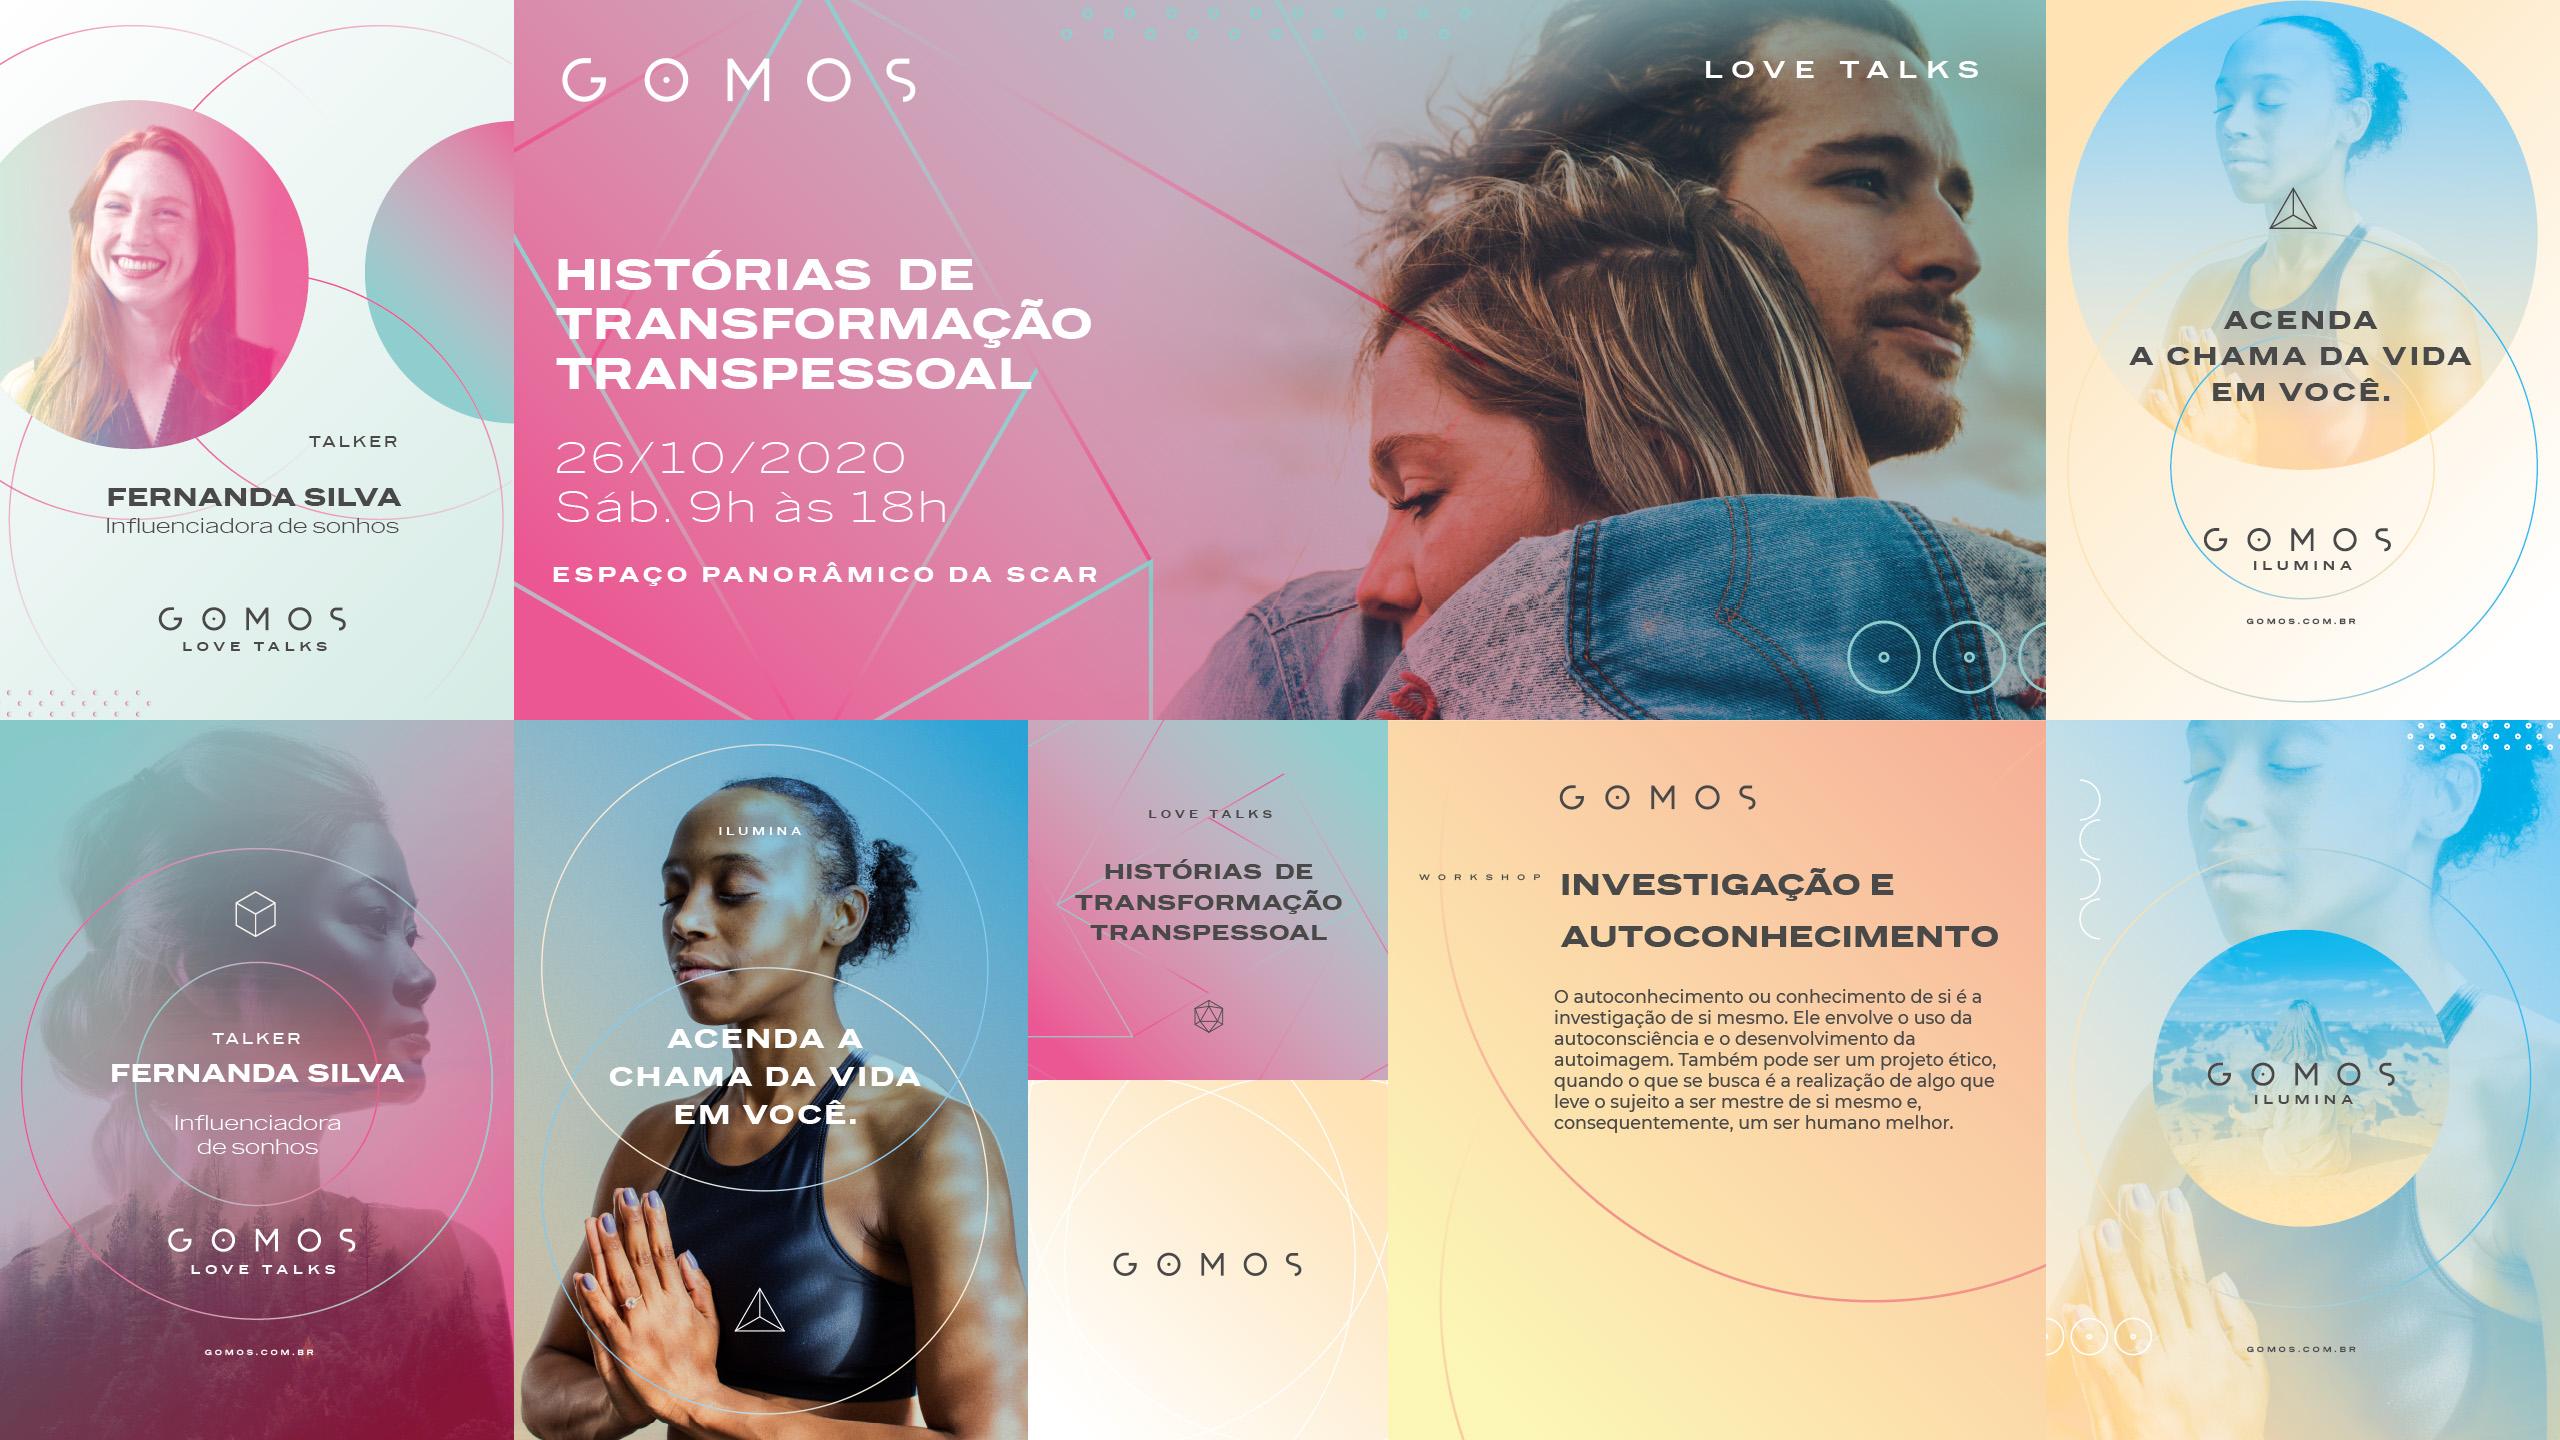 firmorama_gomos_03